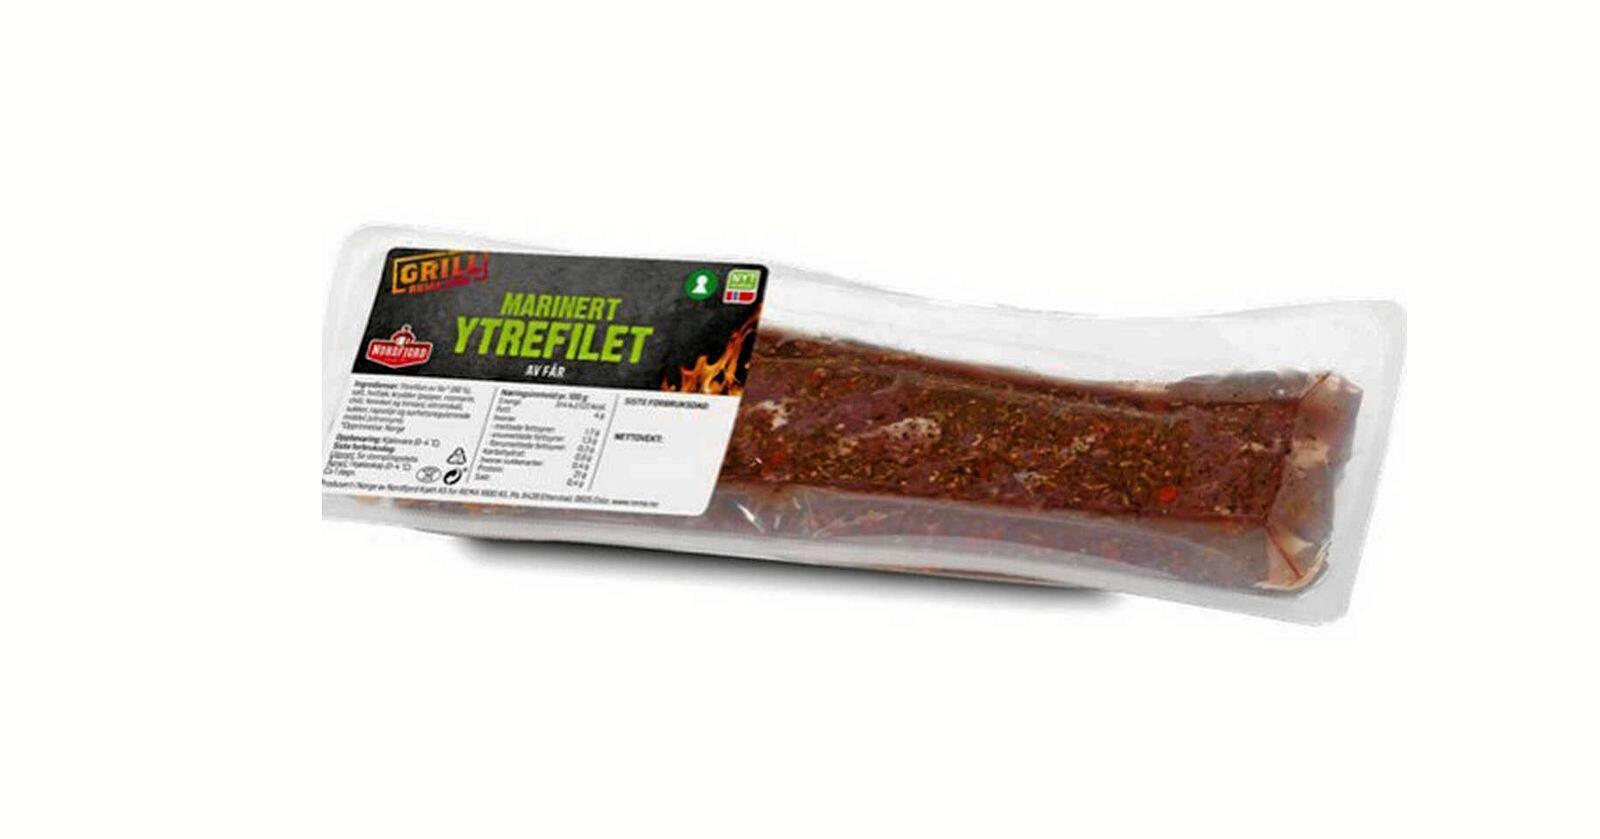 Produktet heter «Marinert Ytrefilet av Får», men pakkene inneholder kjøtt fra svin. I tillegg er det soya i produktet, noe som kan medføre allergiske reaksjoner. Foto: Matportalen.no